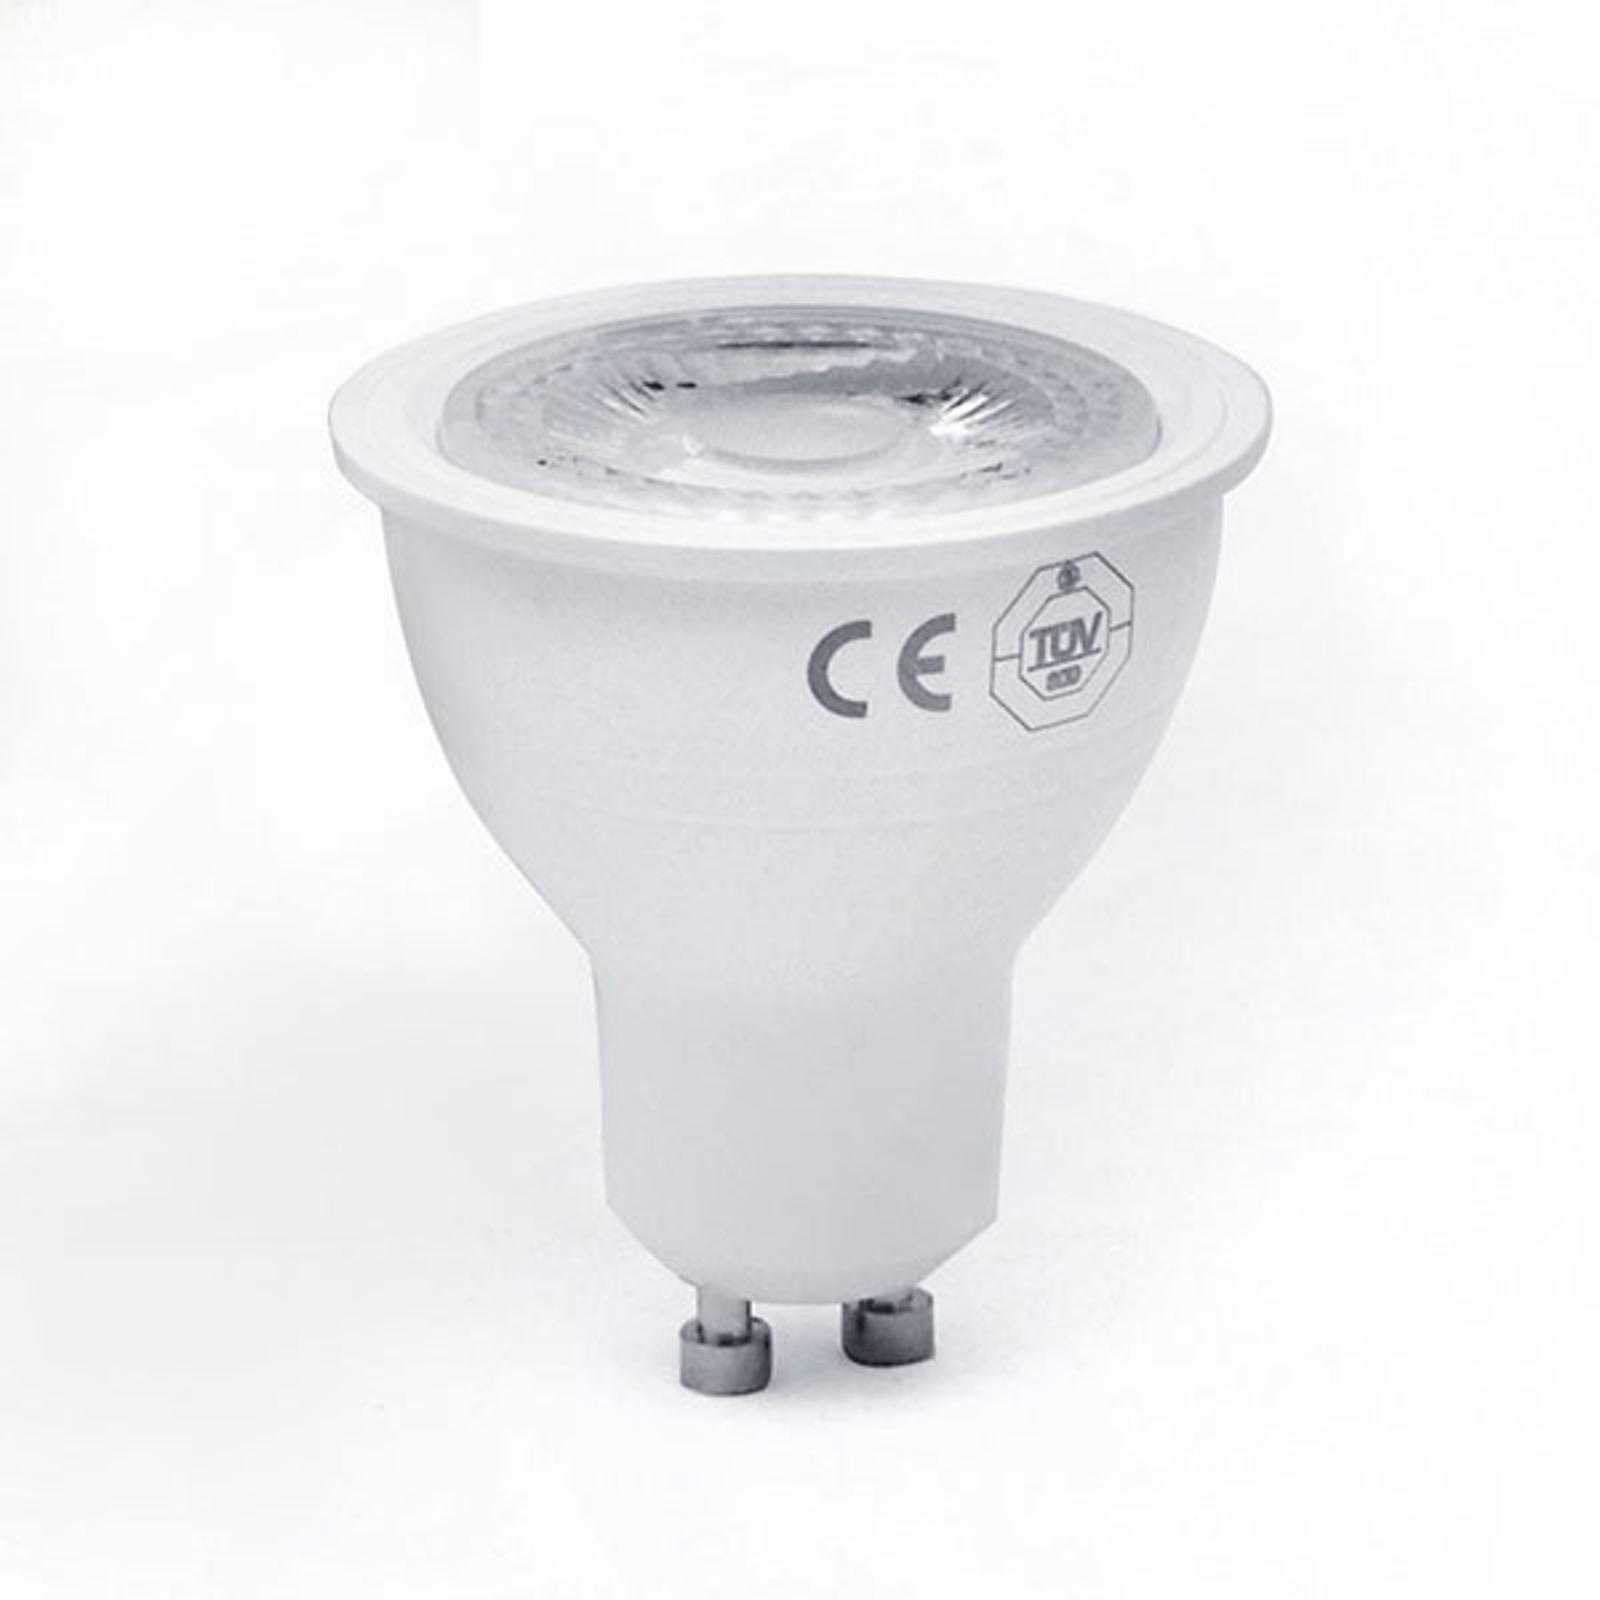 GU10 CCT LED-reflektor, 6 W, 600 lm